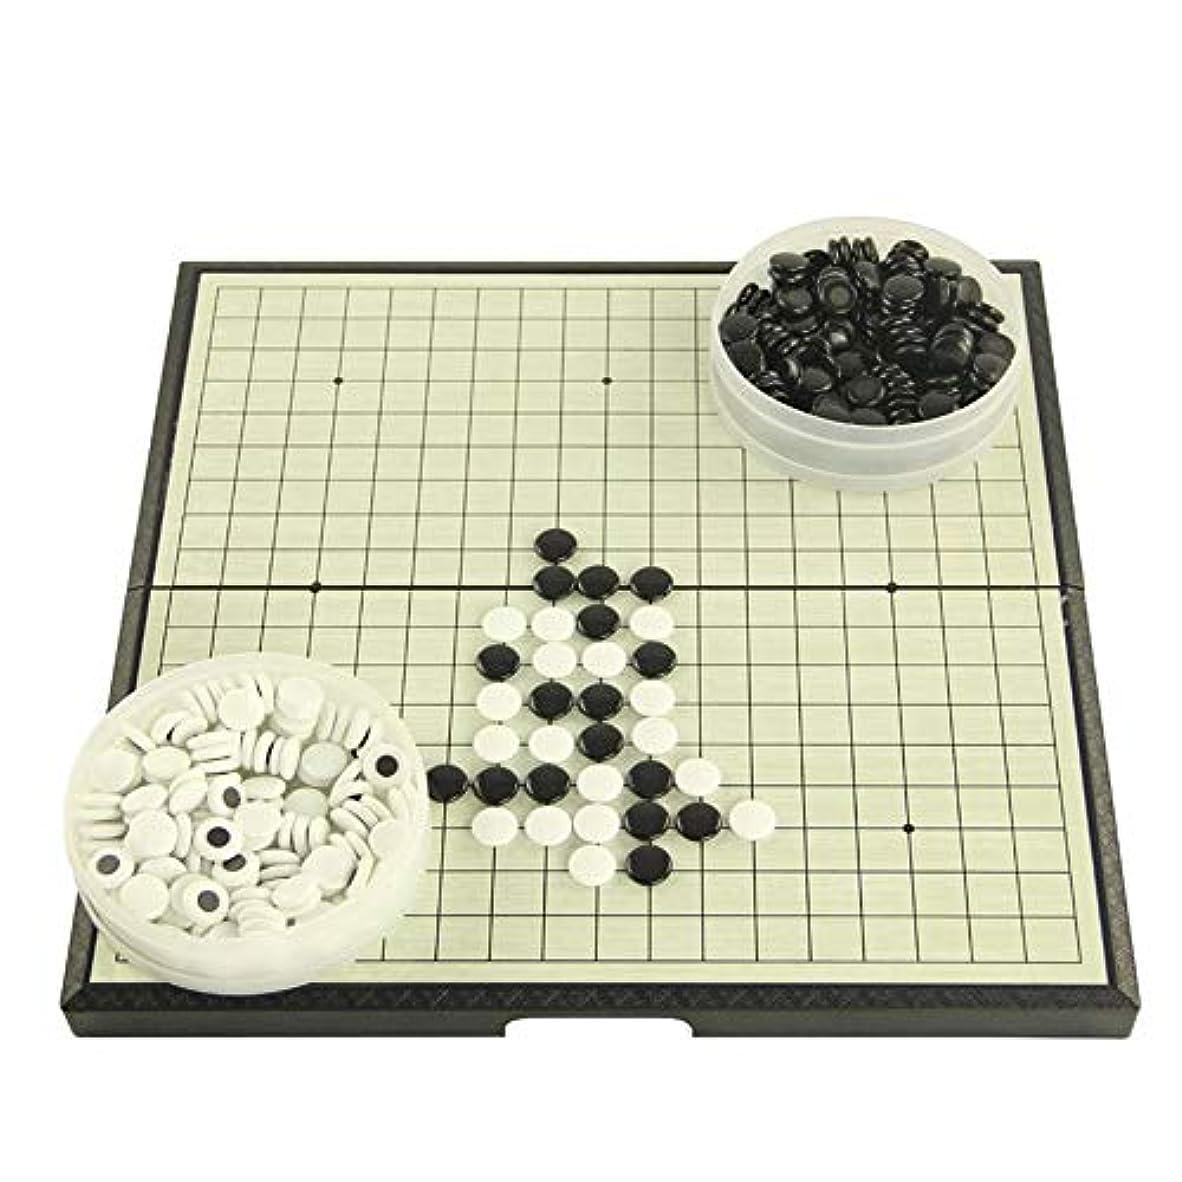 本部絶滅上昇囲碁盤 子供および大人のための単一の凸の磁気プラスチック石そして囲碁板が付いている磁気囲碁のゲームセット おもちゃ ゲーム (色 : As picture, Size : 37*37cm)